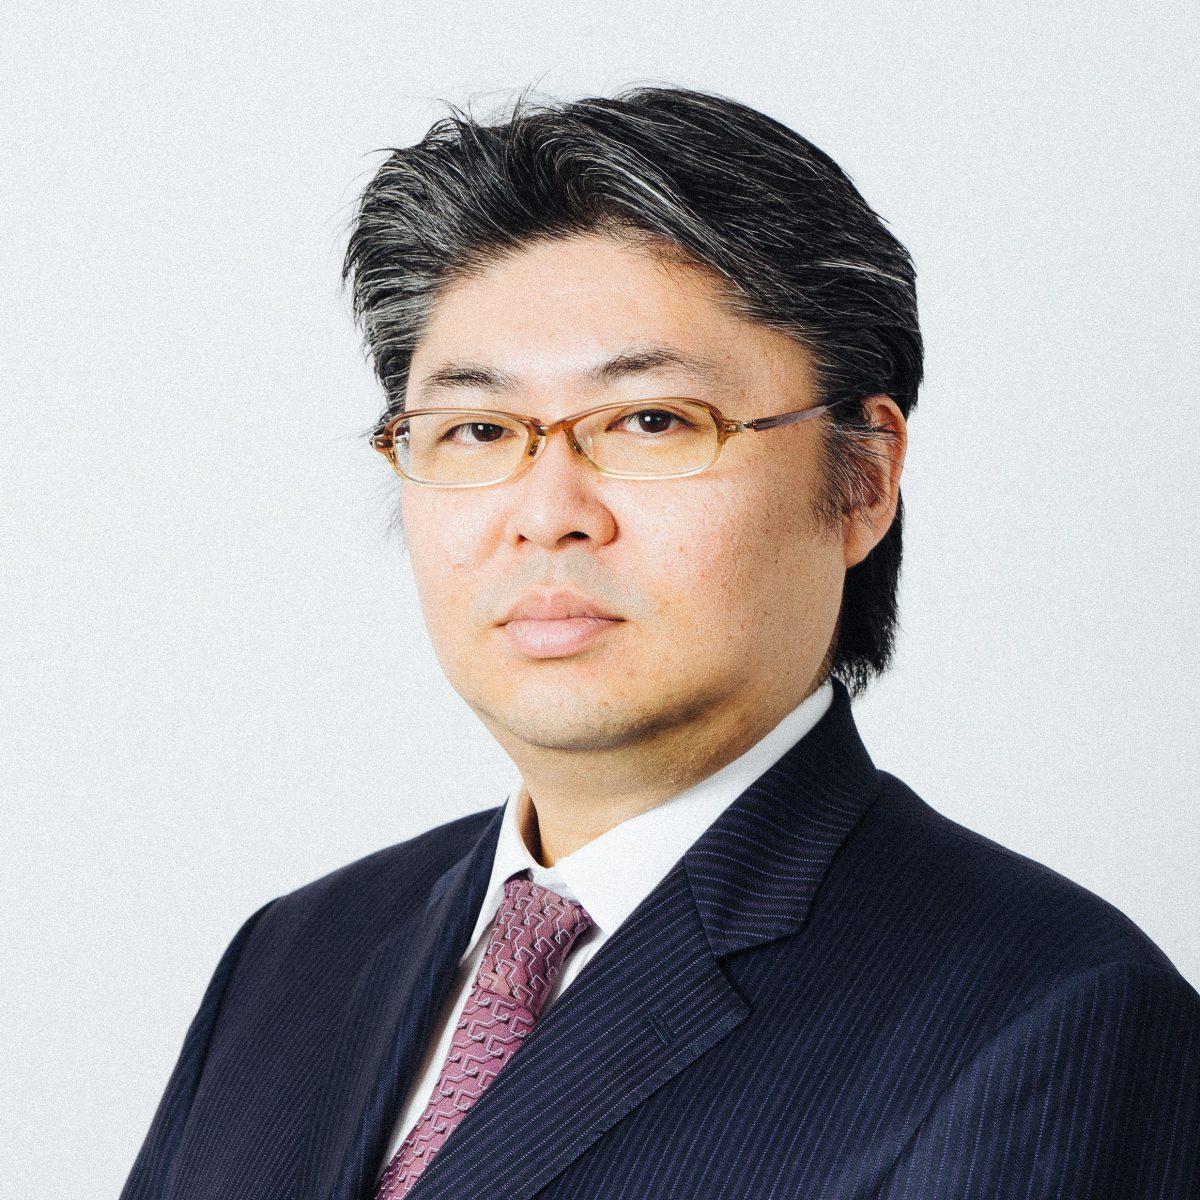 EY アドバイザリー・アンド・コンサルティング株式会社 ディレクター 千葉友範(チバトモノリ)